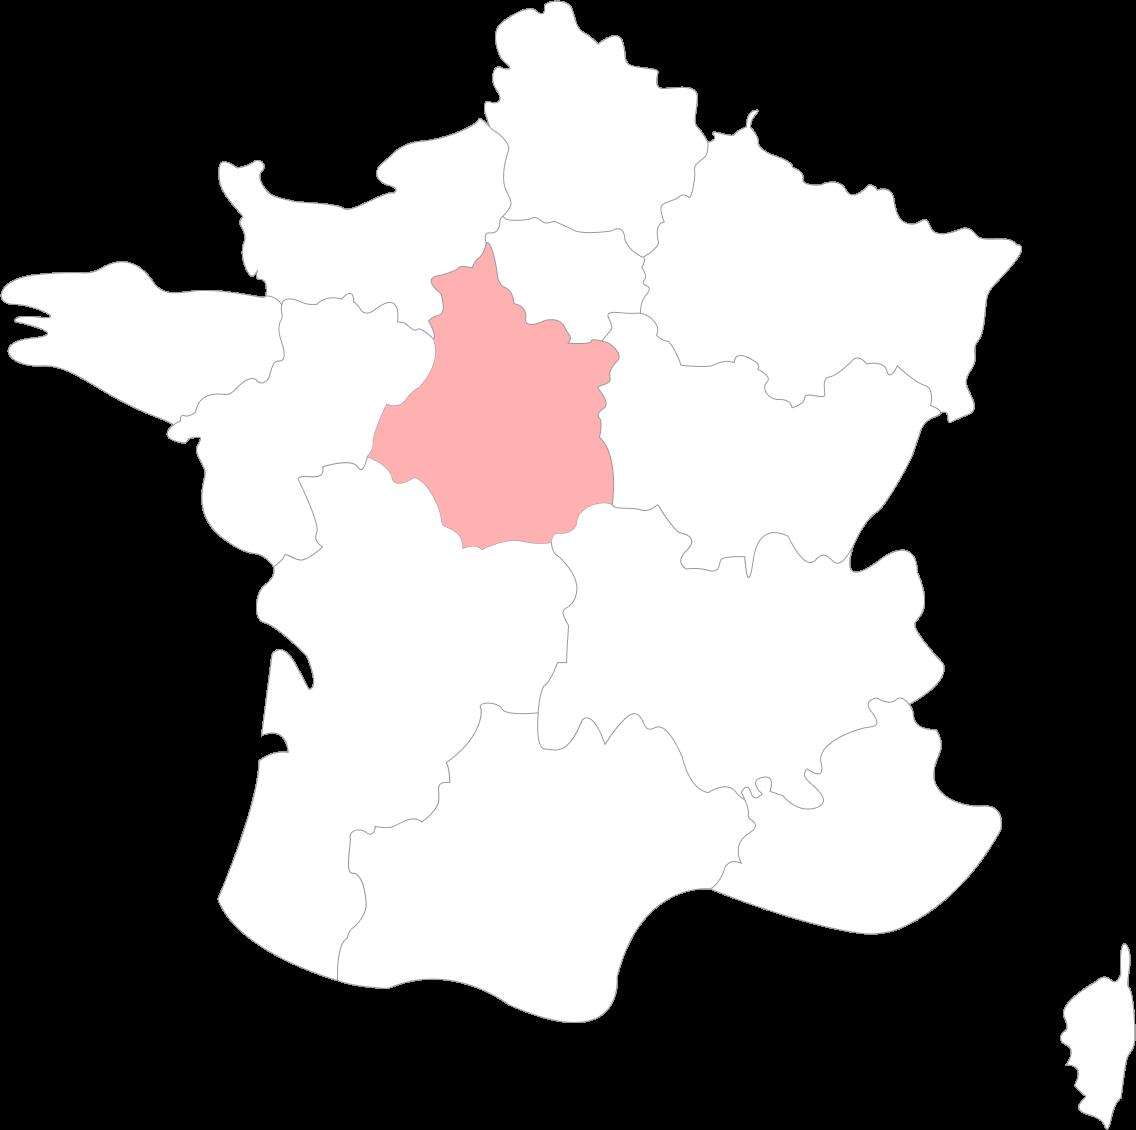 Carte de la région Centre-Val-de-Loire